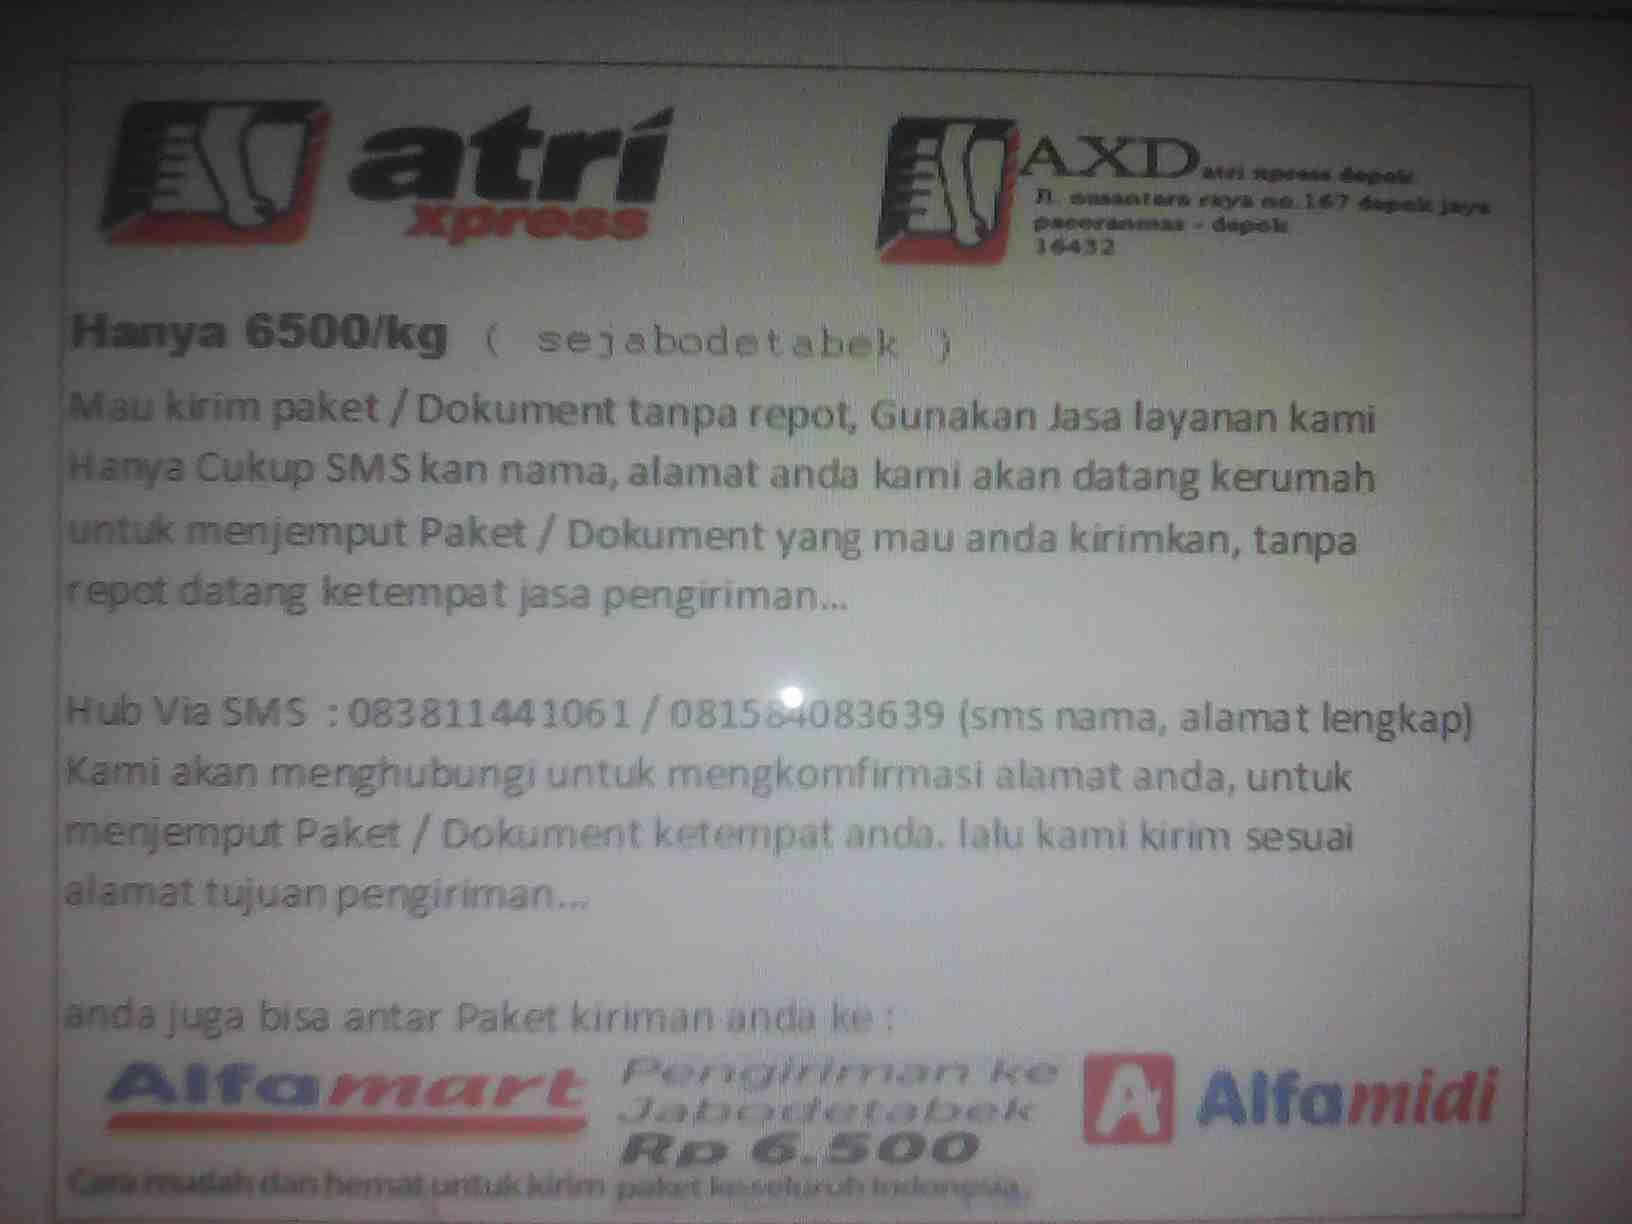 Foto: Atri Xpress Depok (AXD)